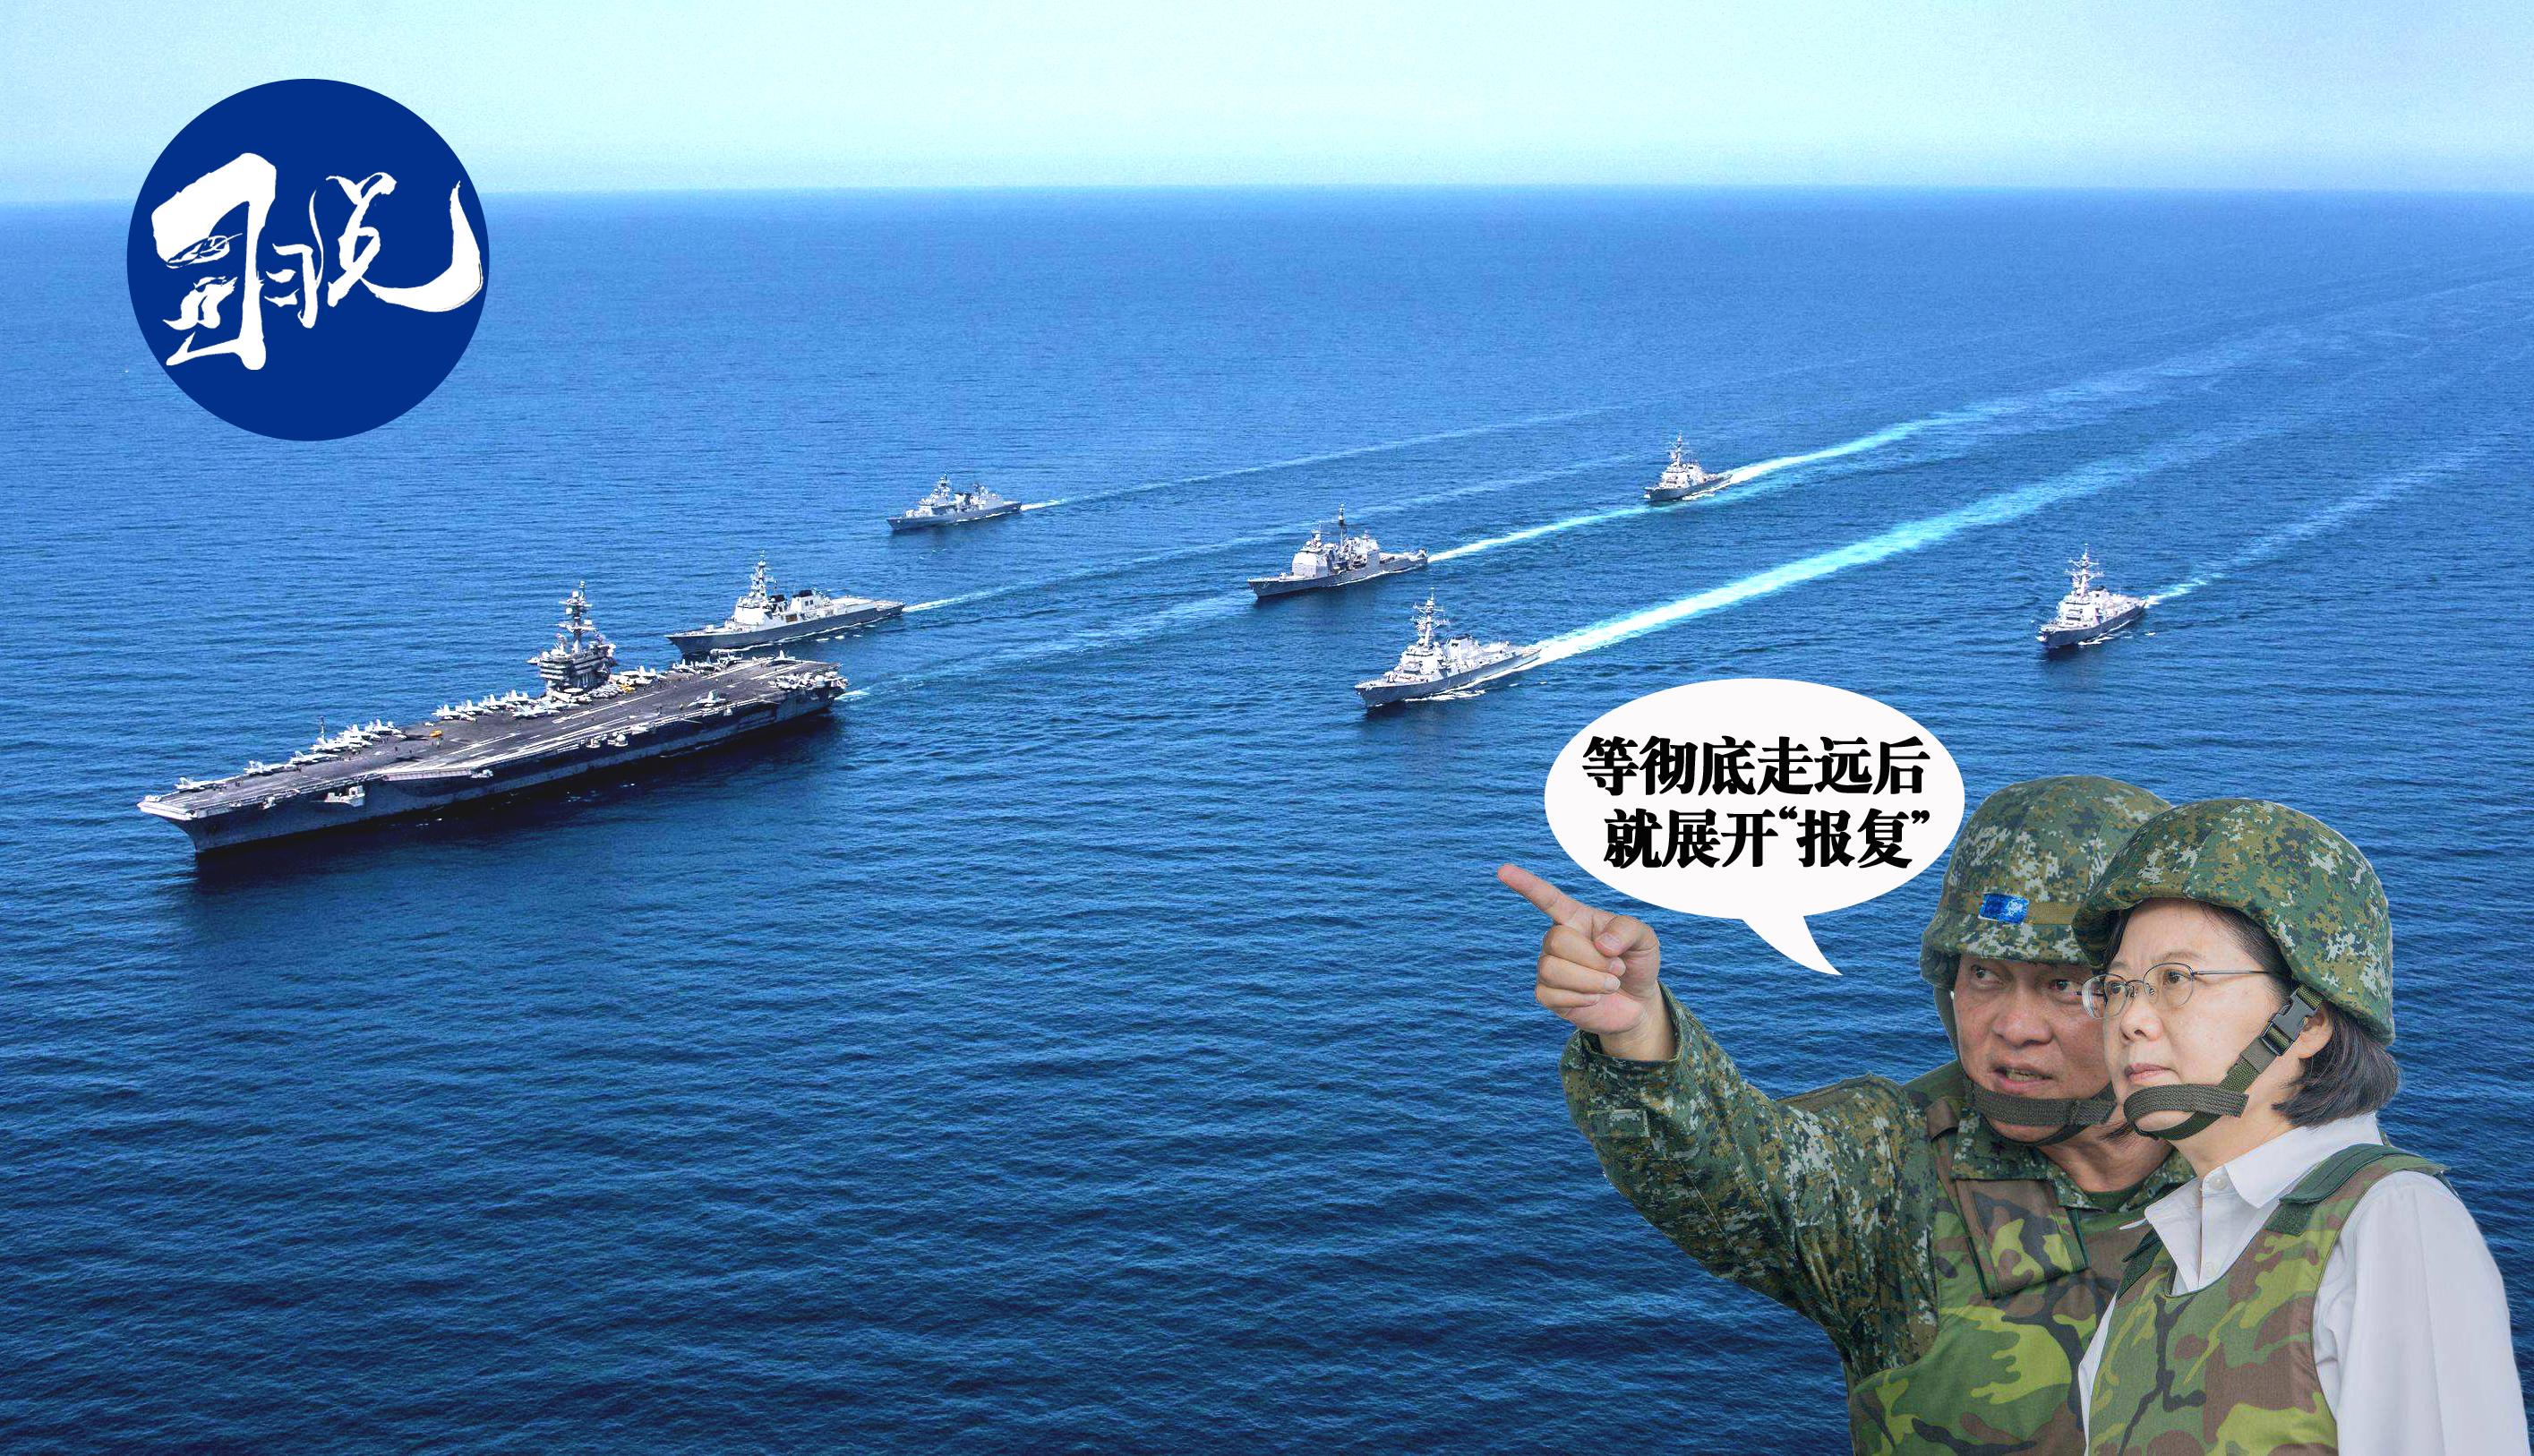 """蔡英文麾下台军""""报复""""辽宁舰,朝其数天前行经海域狂发导弹解气图片"""